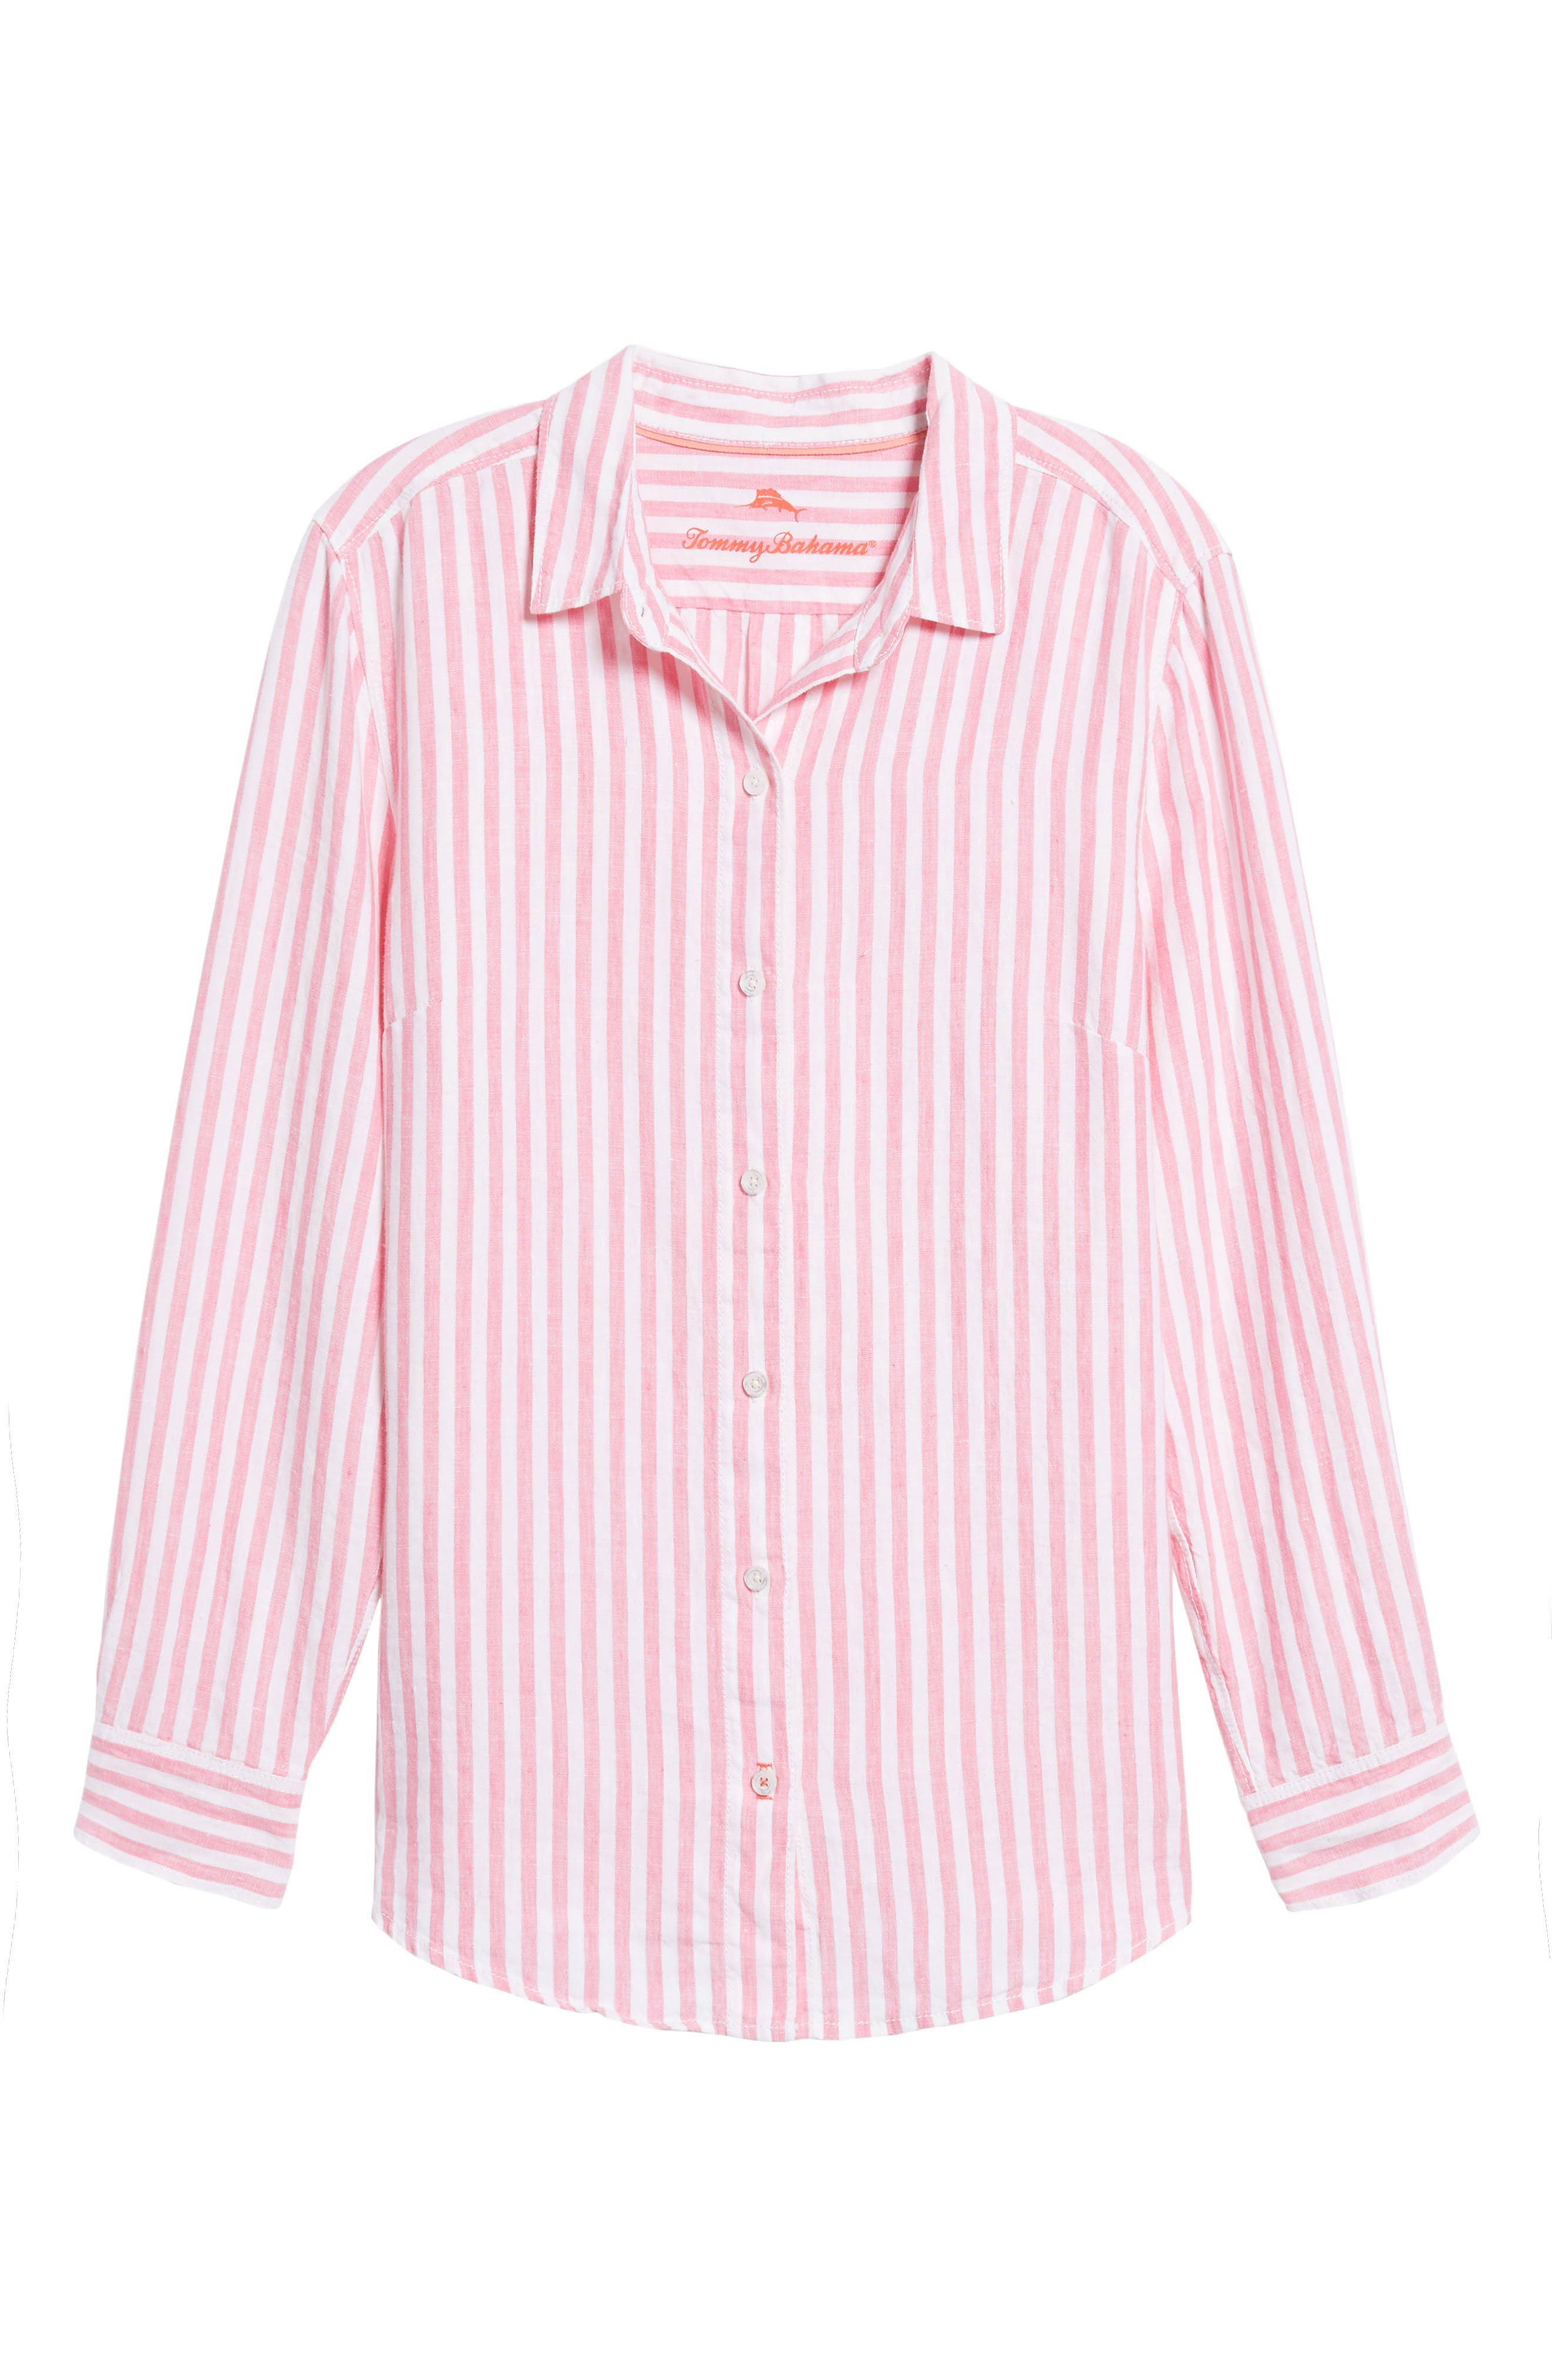 Cabana Stripe Button-Up Top,                         Main,                         color, Soft Flamingo